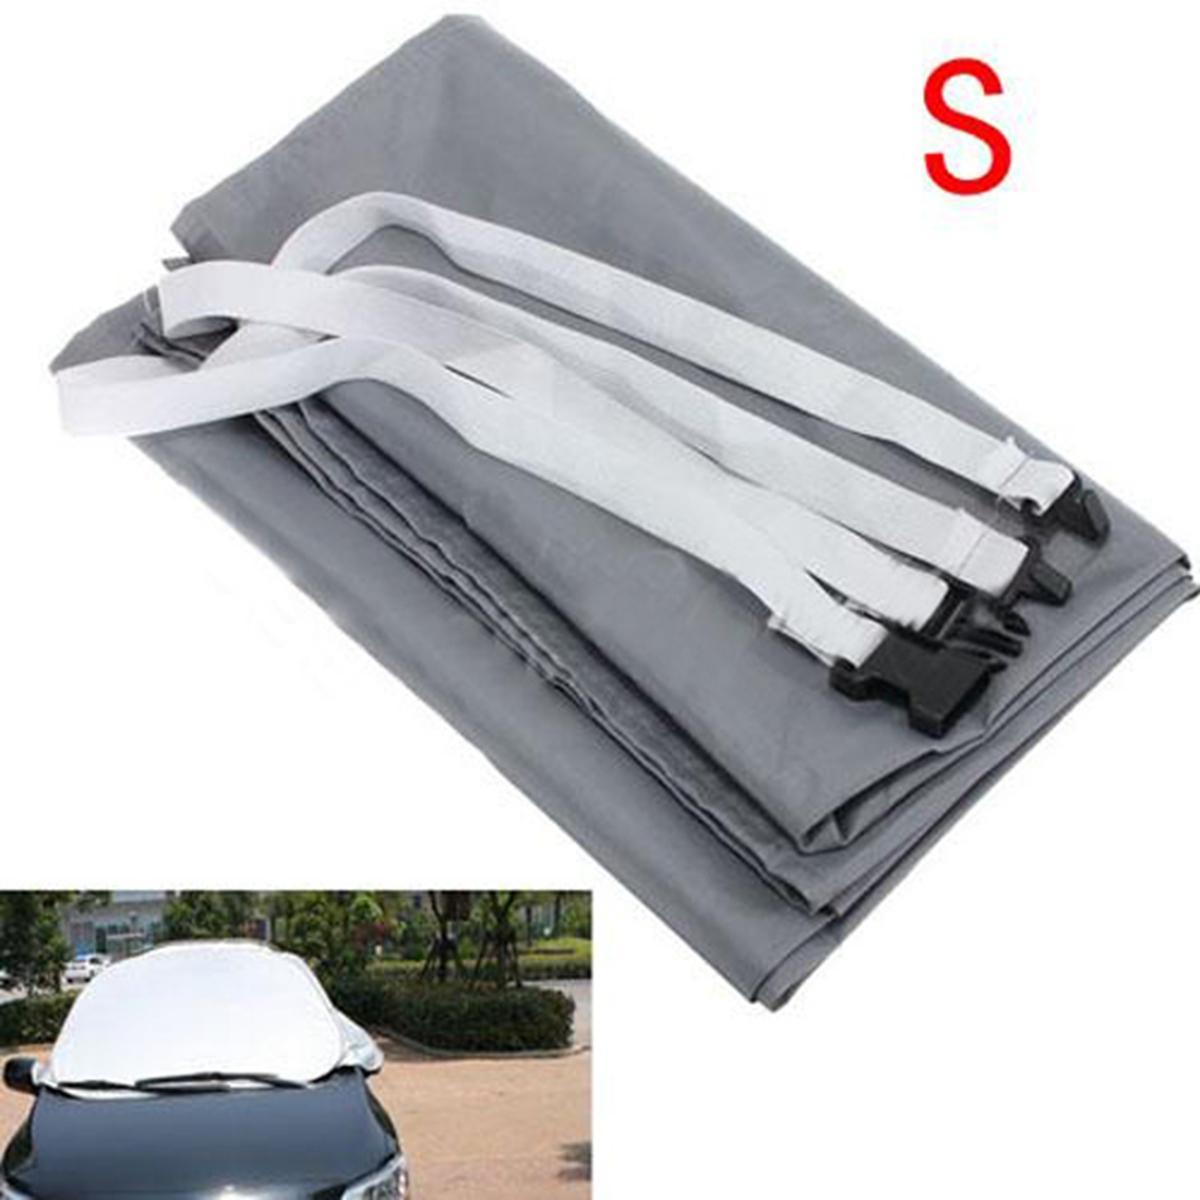 Universal S / M / L Auto Windschutzscheibe Sonnenschutzabdeckung Schnee Eis Schutz Sun Frost Shield Staubdicht 150x70 cm